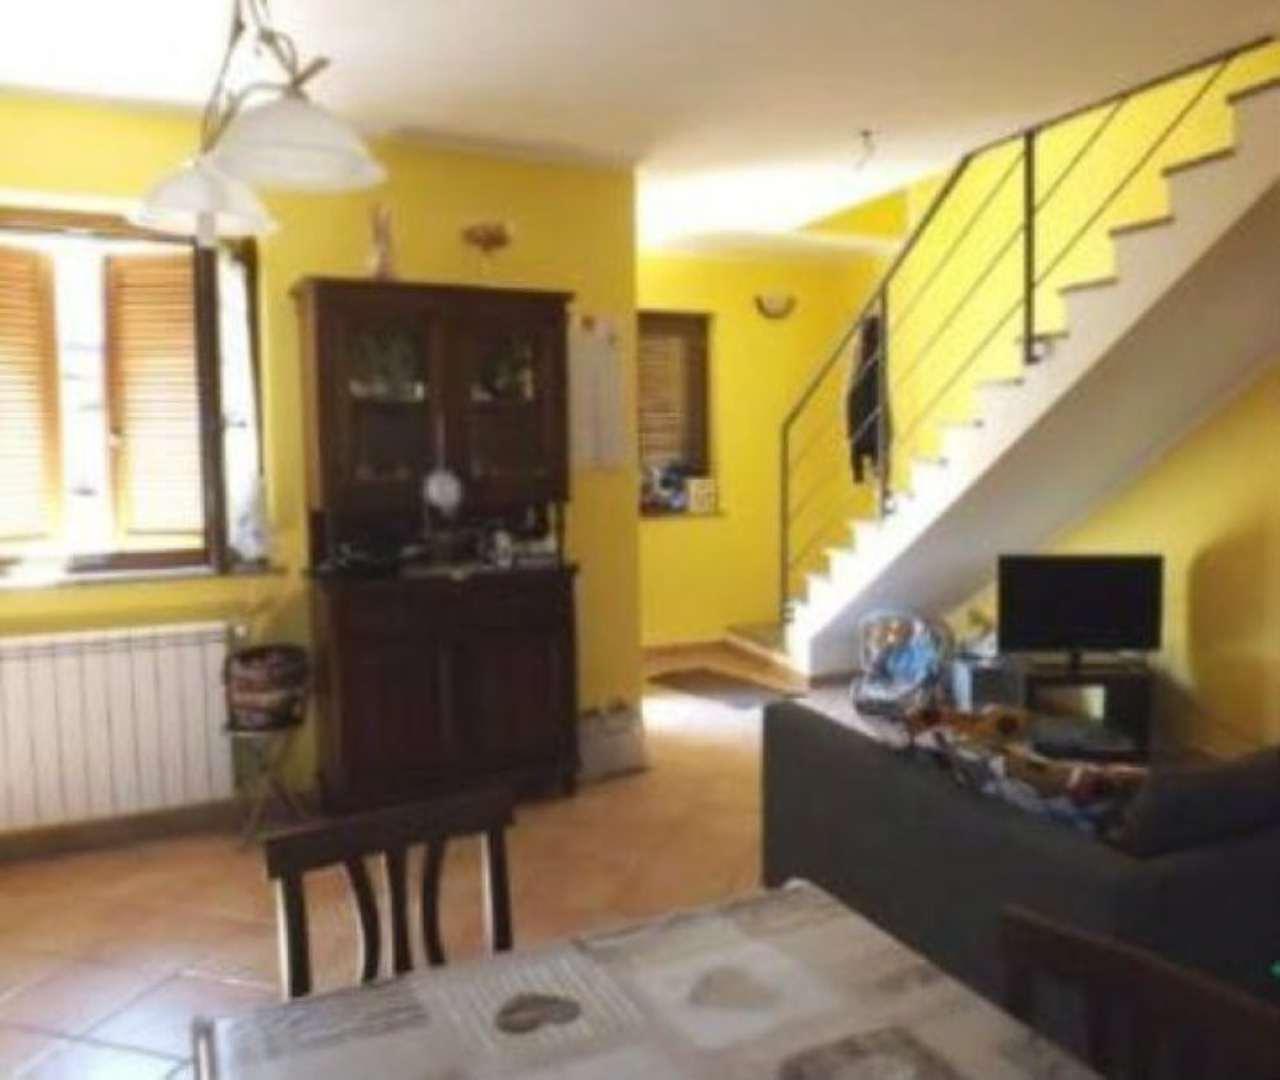 Villetta a Schiera in vendita borgata Rivata 51 Reano